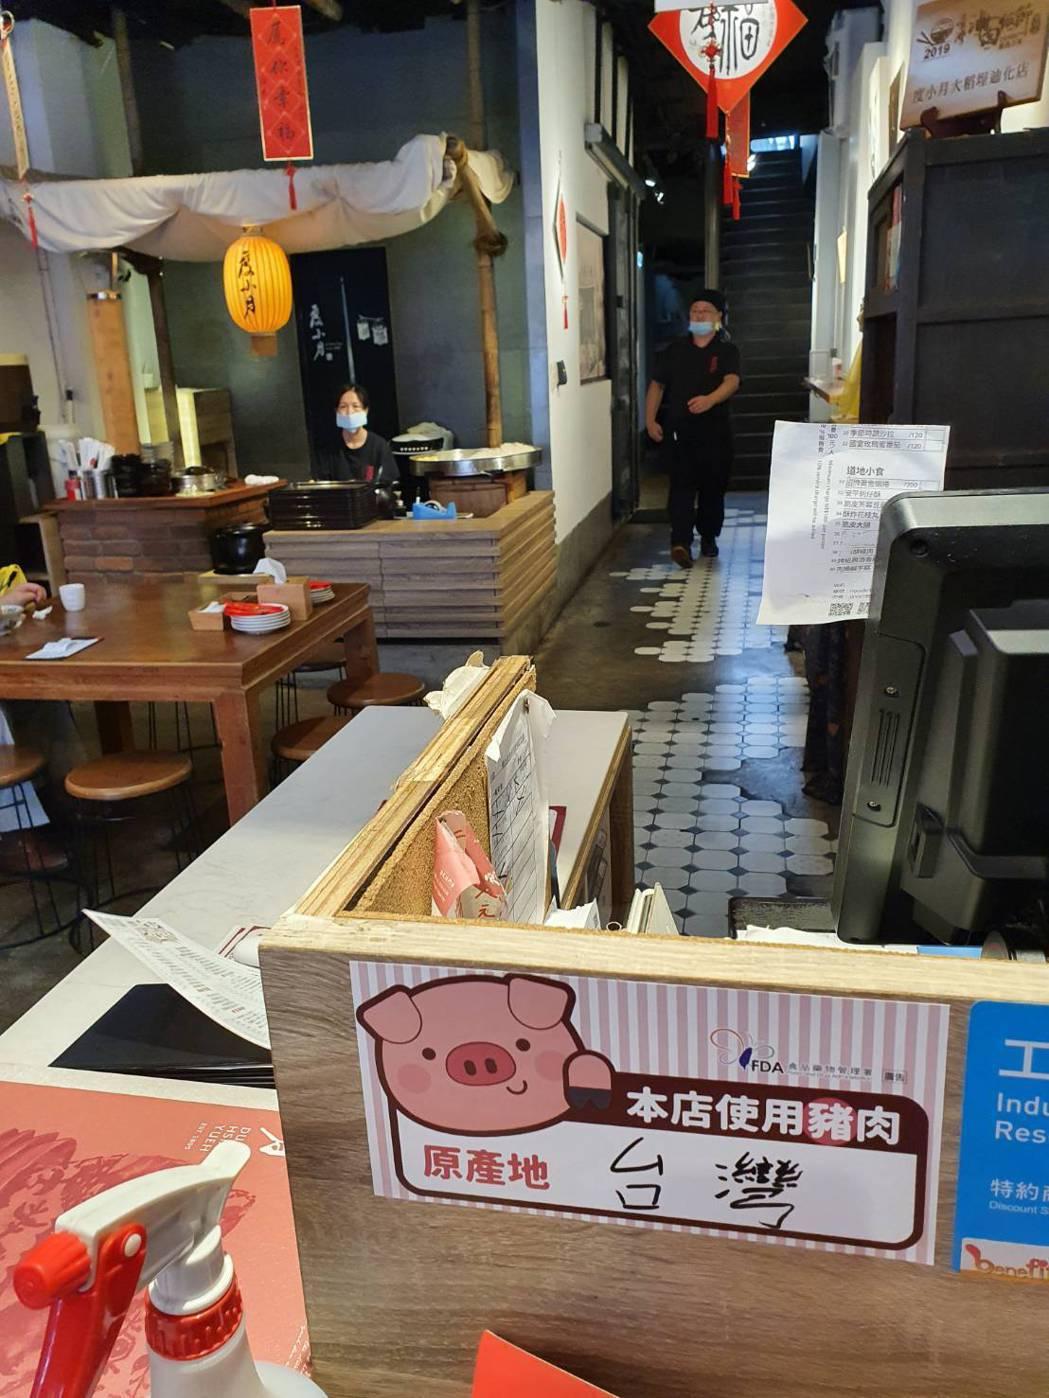 有店家表示只收到一張「豬肉」原產地標示的貼紙。記者楊雅棠/攝影